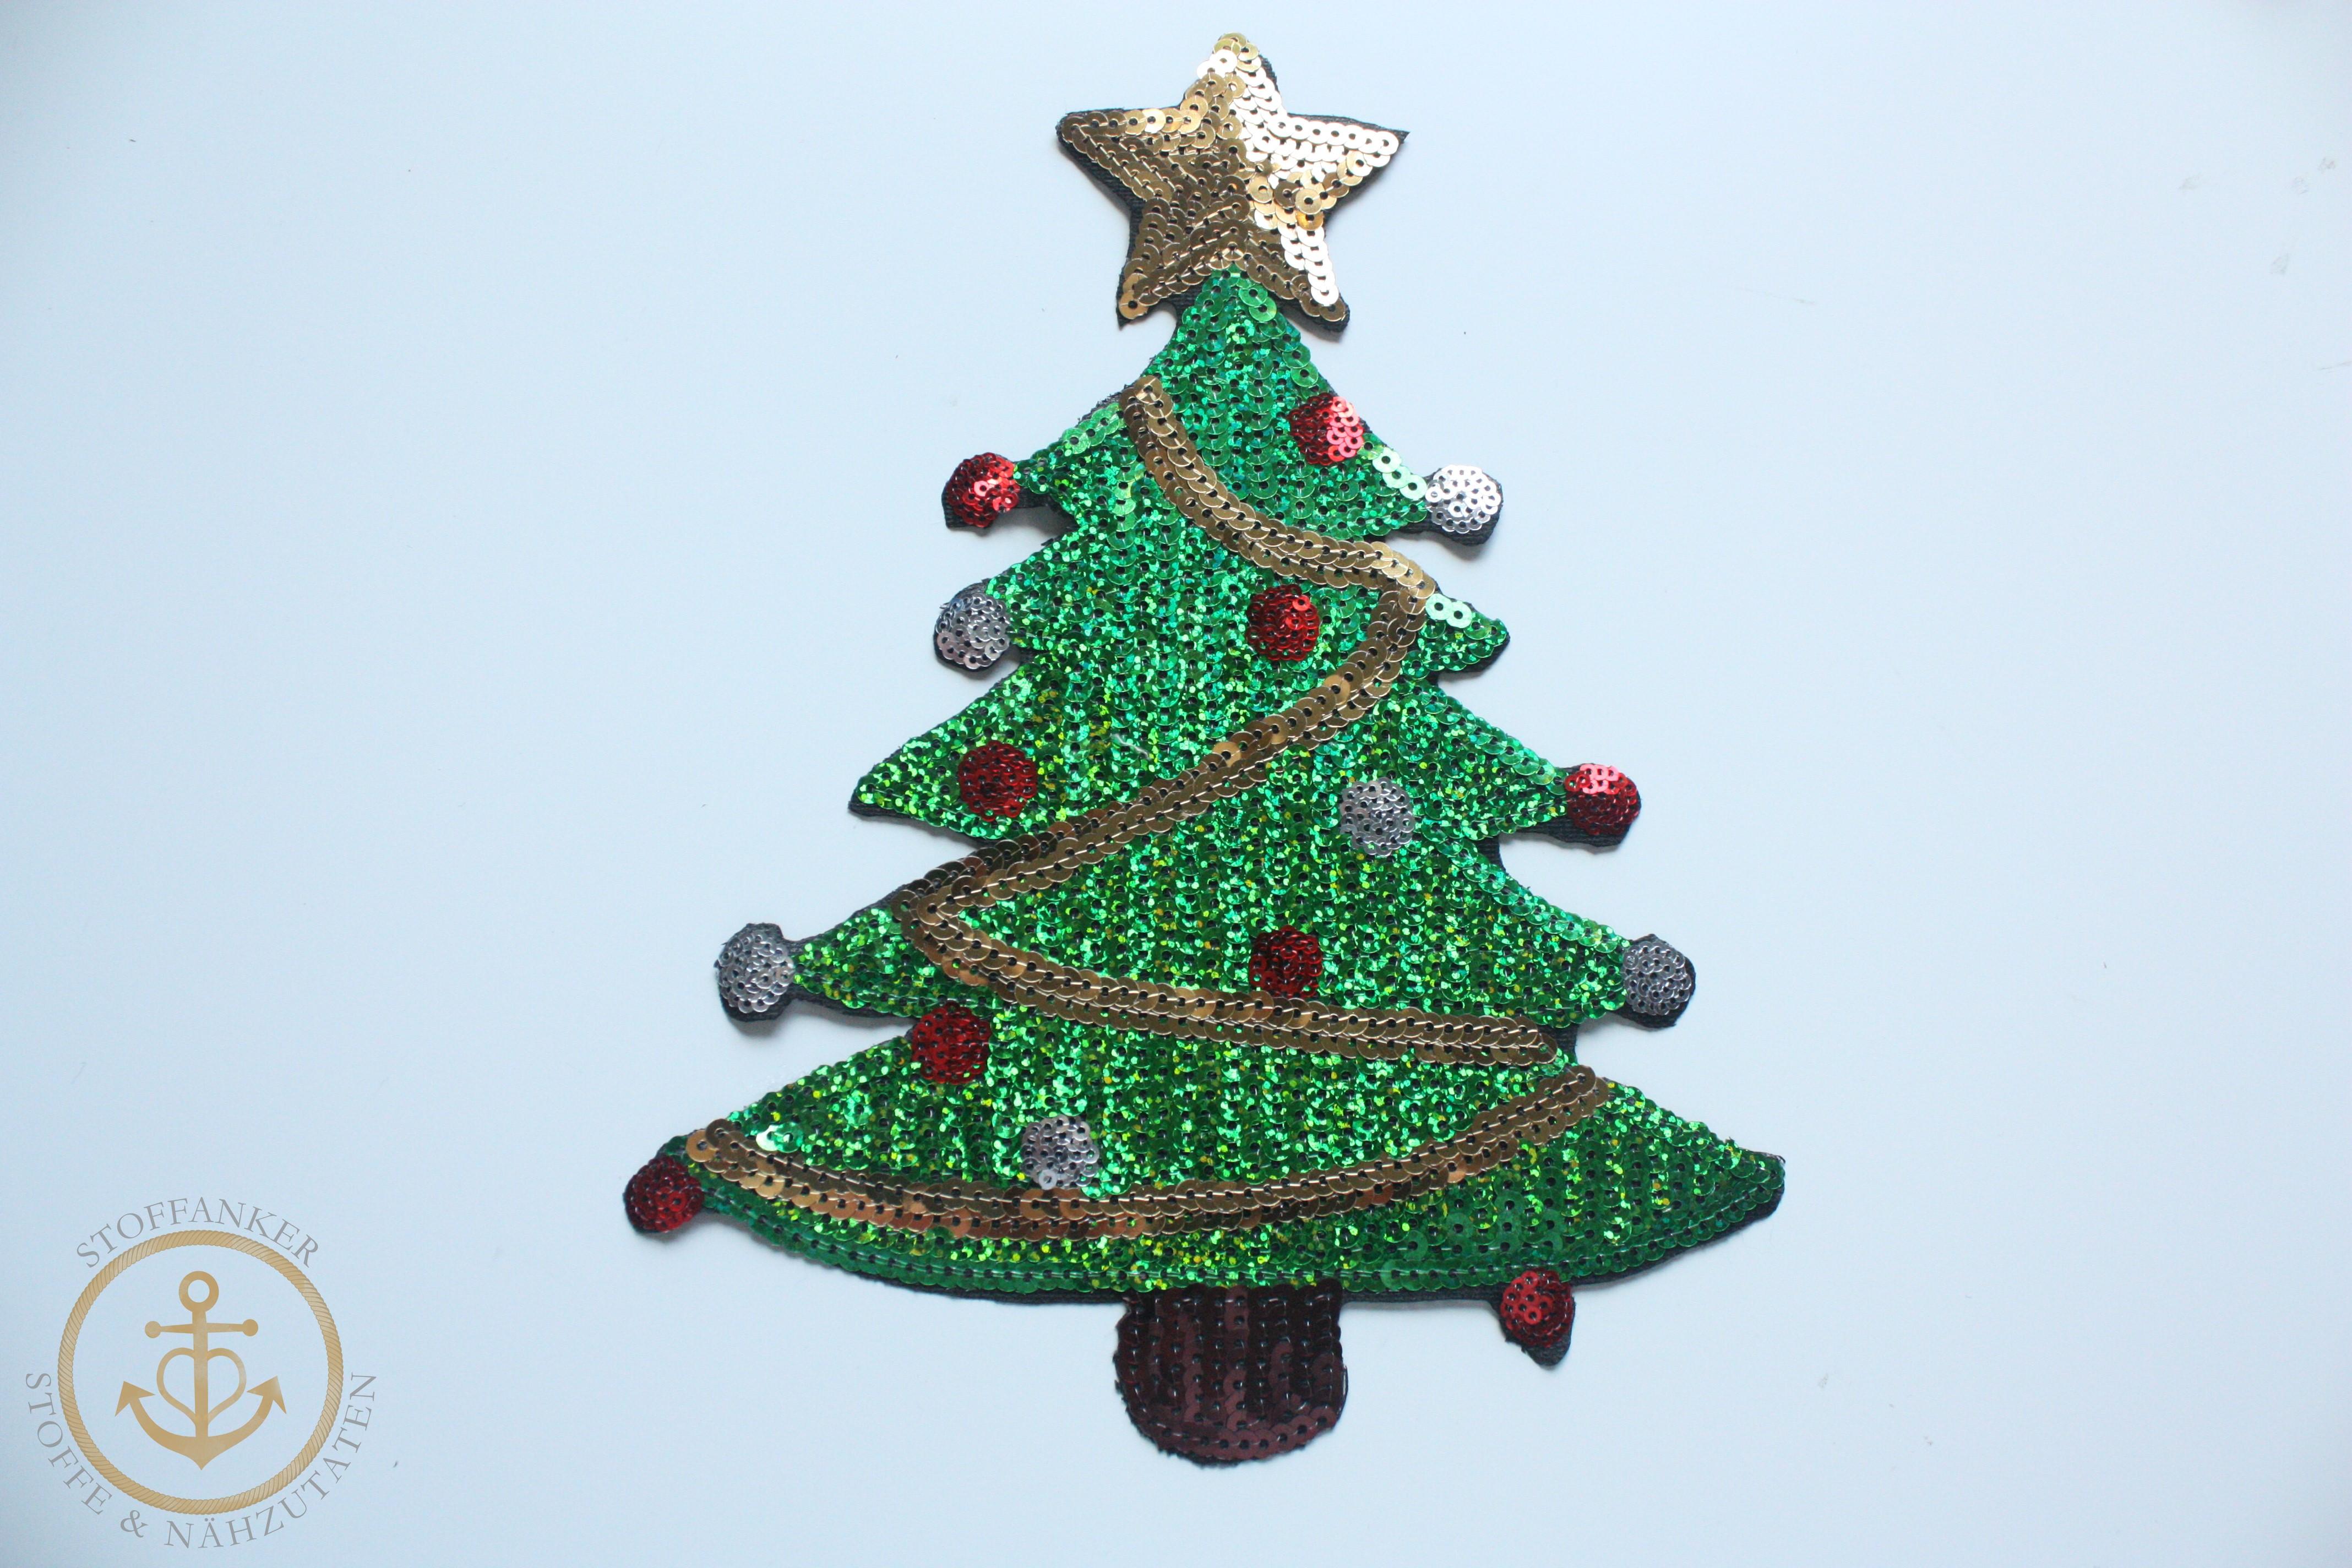 Wieso Tannenbaum Weihnachten.Stoffanker De Xl Weihnachtsbaum Patch Tannenbaum Pailletten